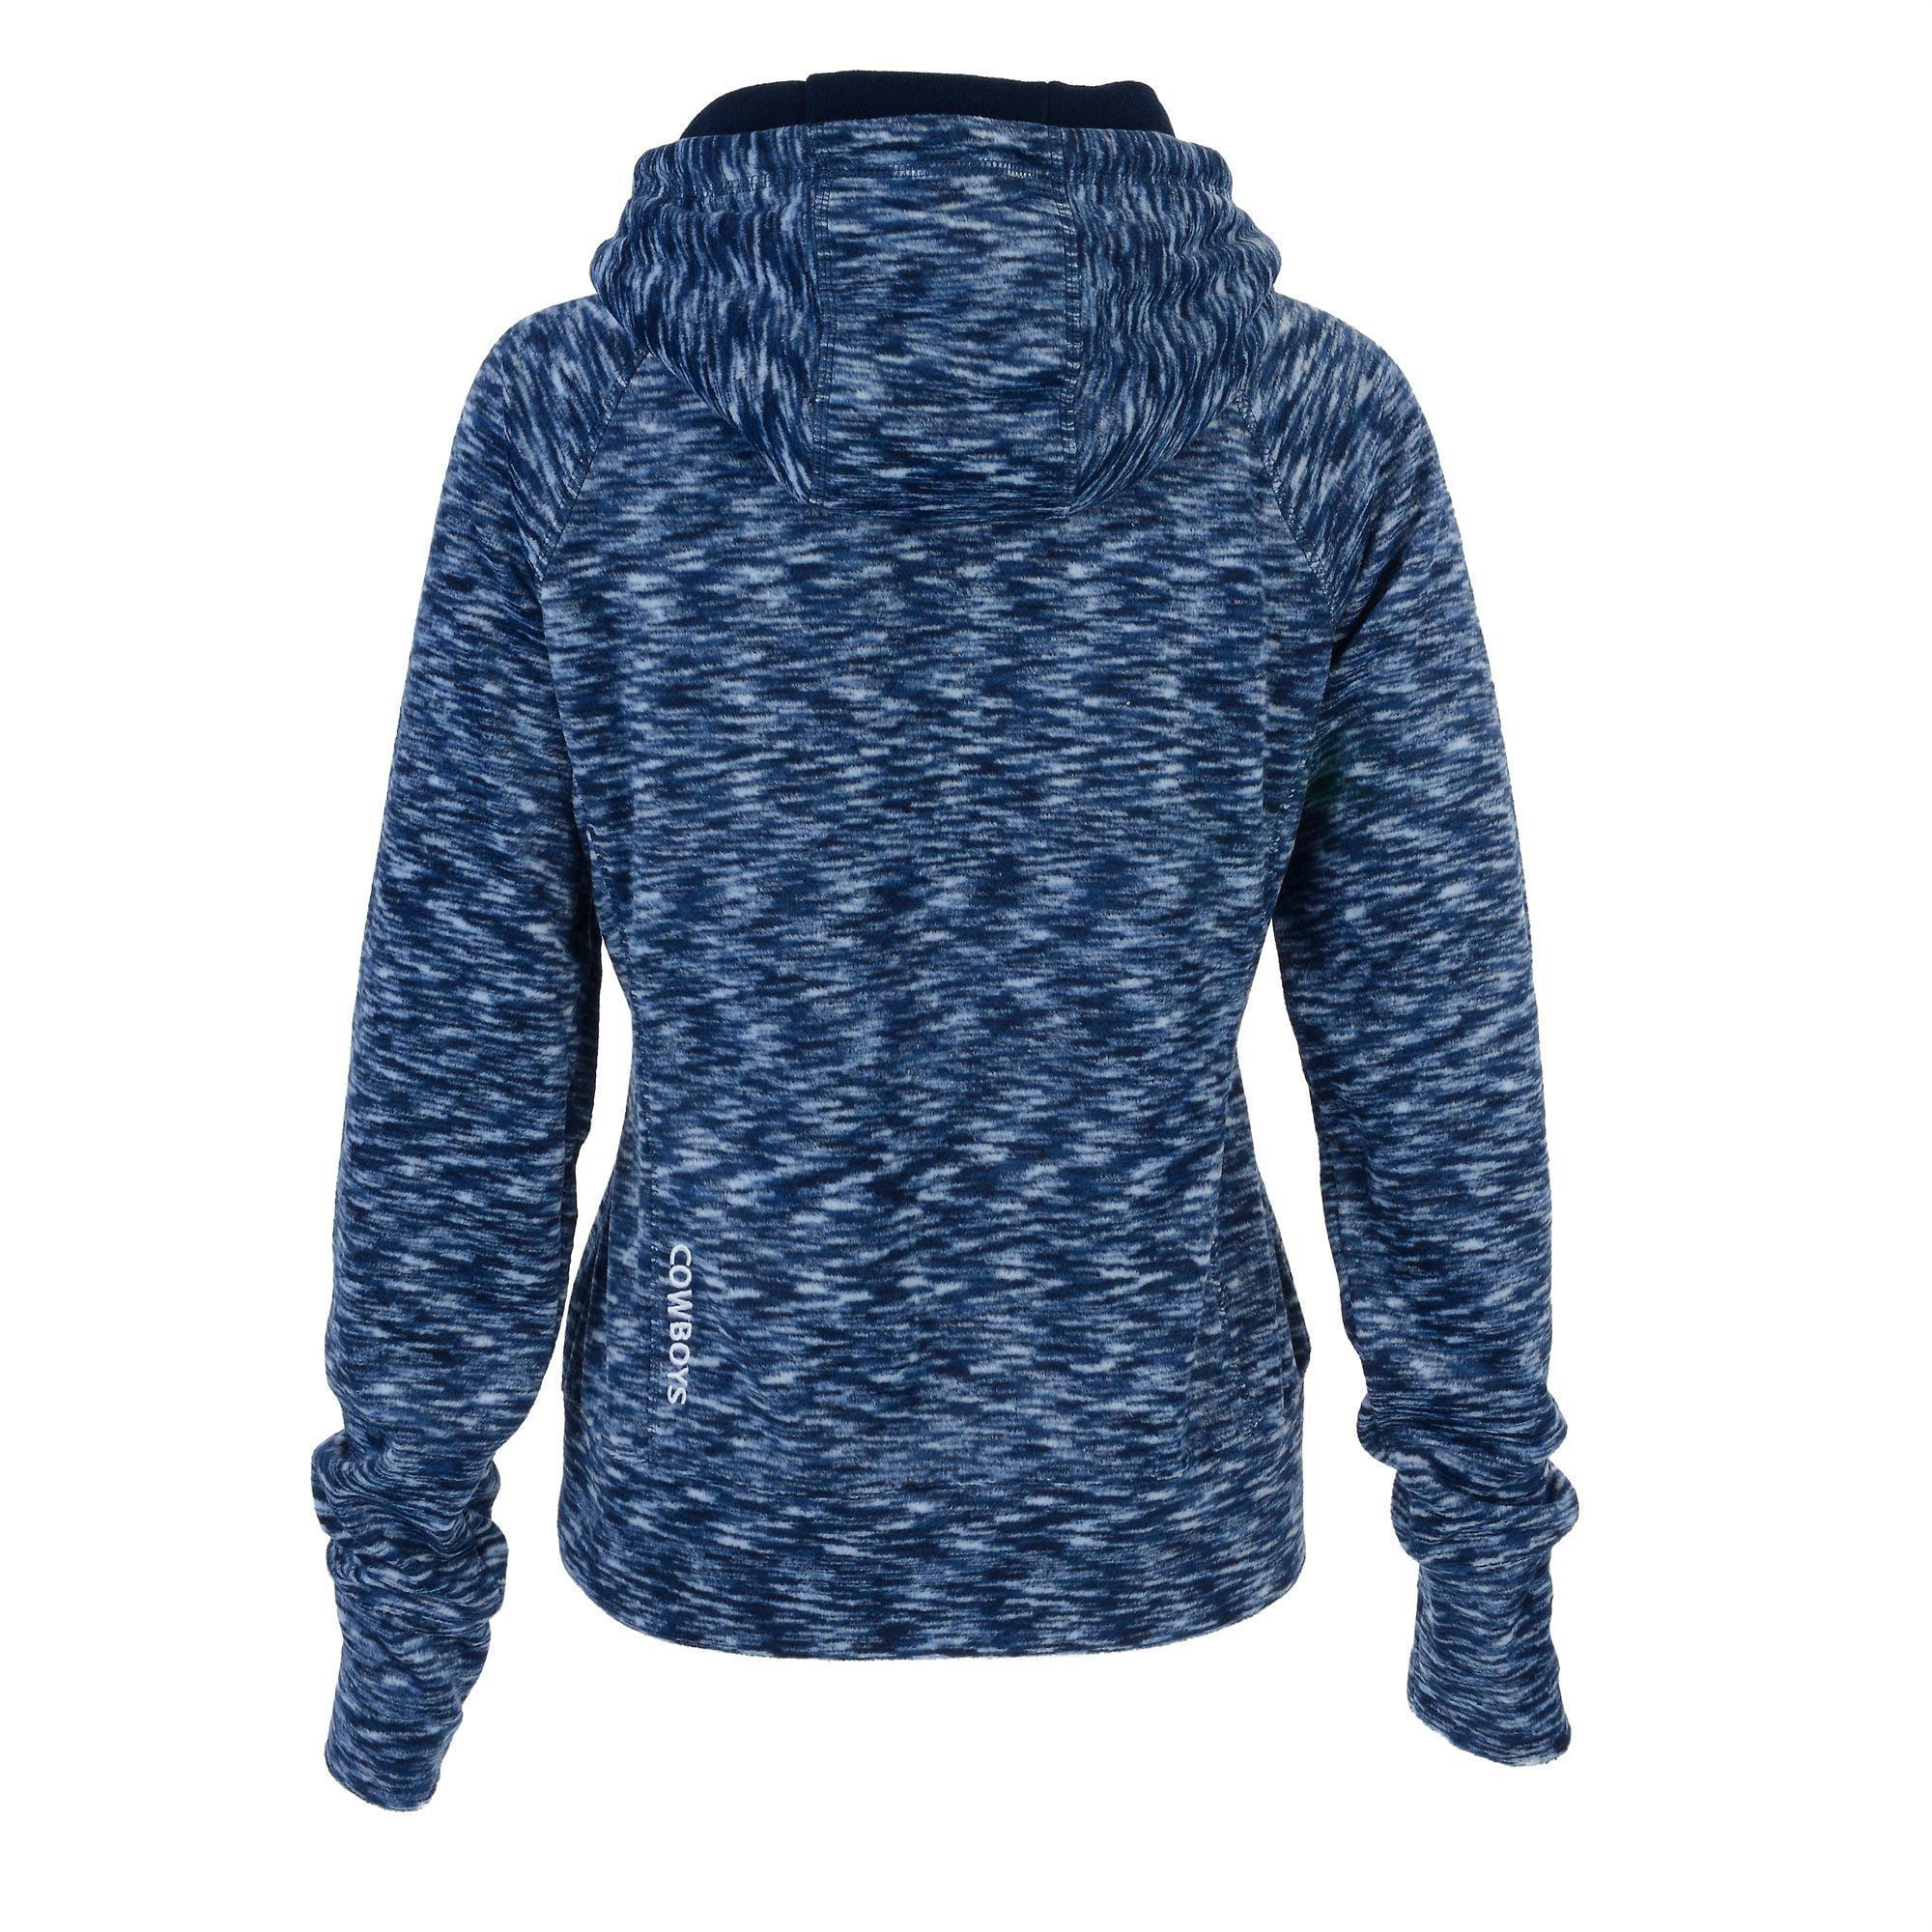 Dallas Cowboys Women's Navy Bluewag Space Dye Fleece Full-Zip Jacket by NFL